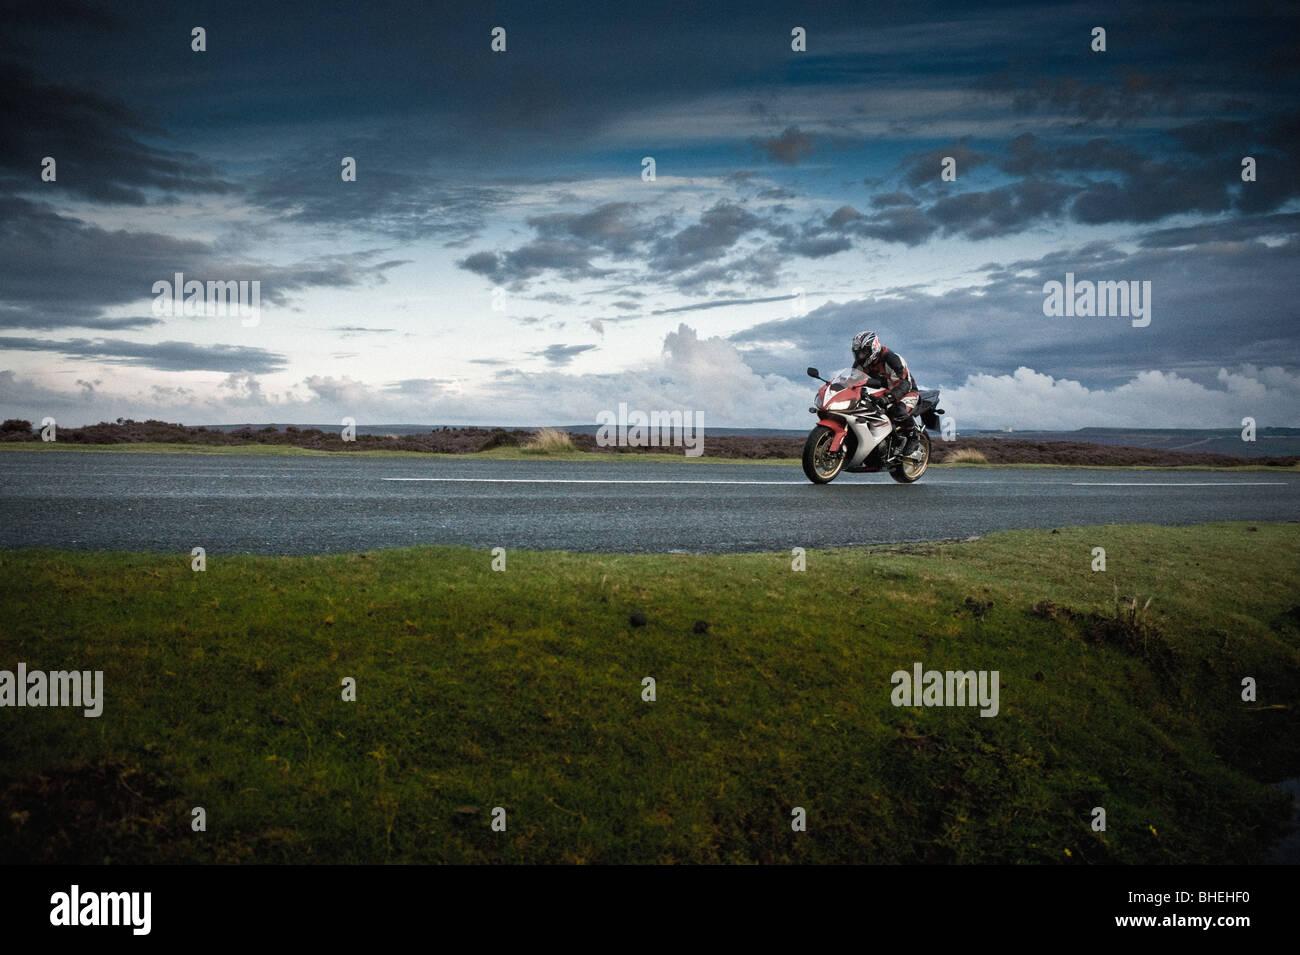 Vue latérale des motos et de rider sur road, North Yorkshire Moors, UK Photo Stock